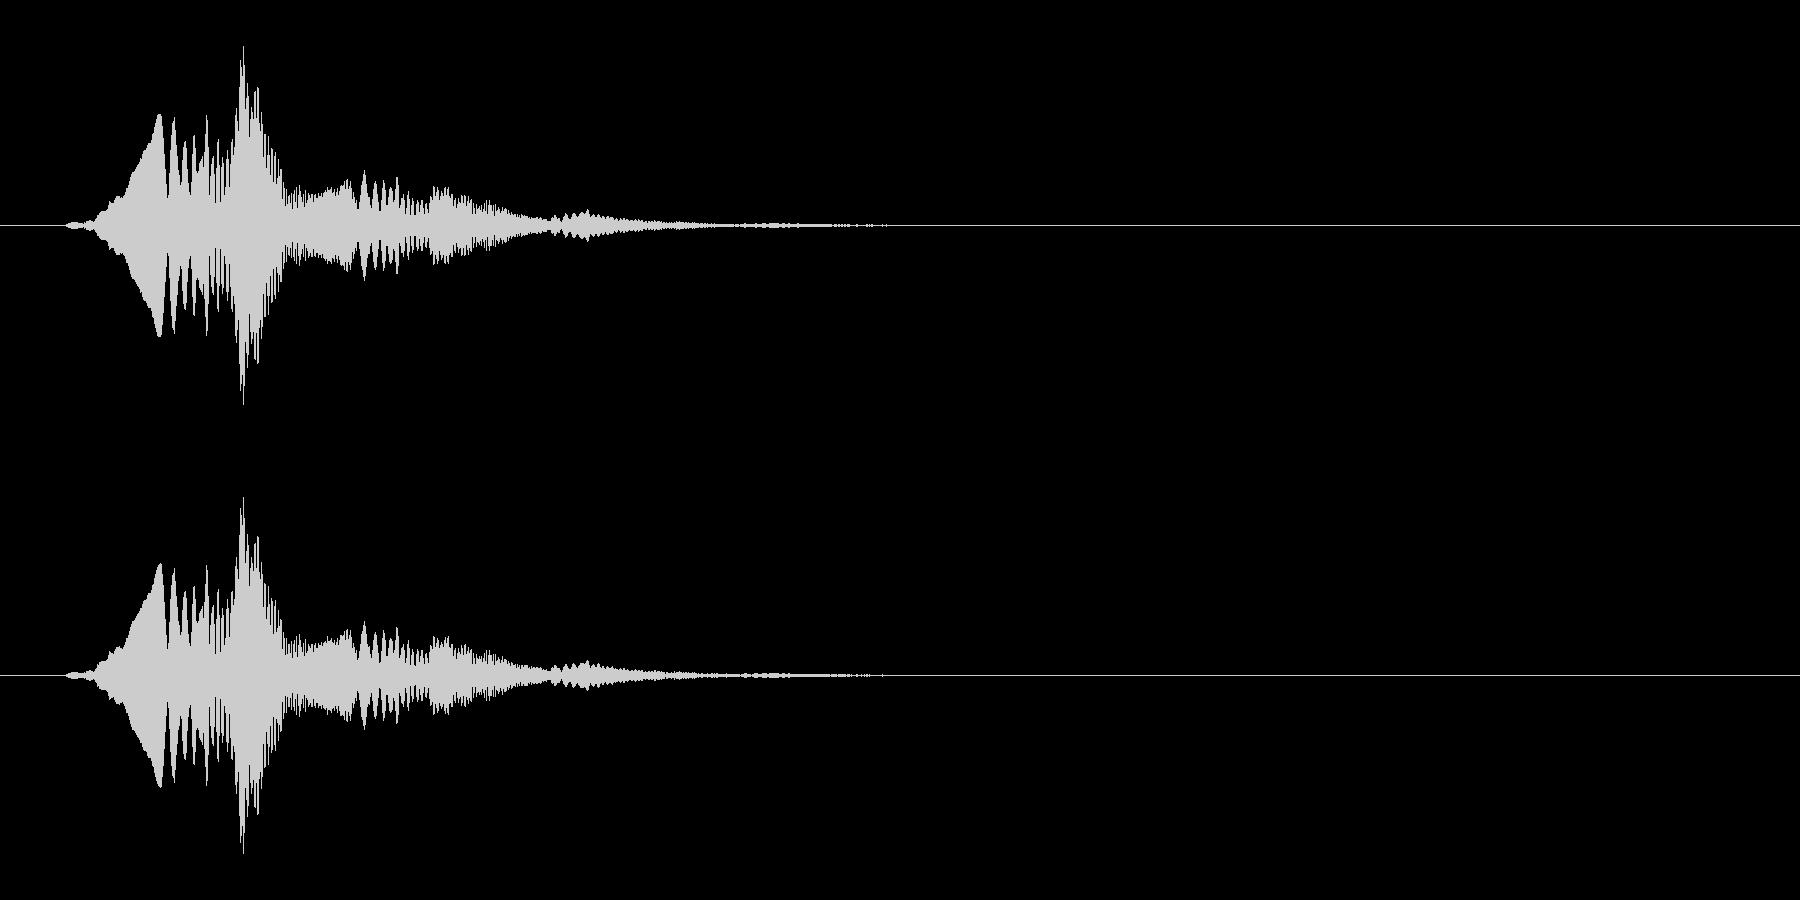 柔らかい(ゼリー/スライム/ぽわん)_2の未再生の波形